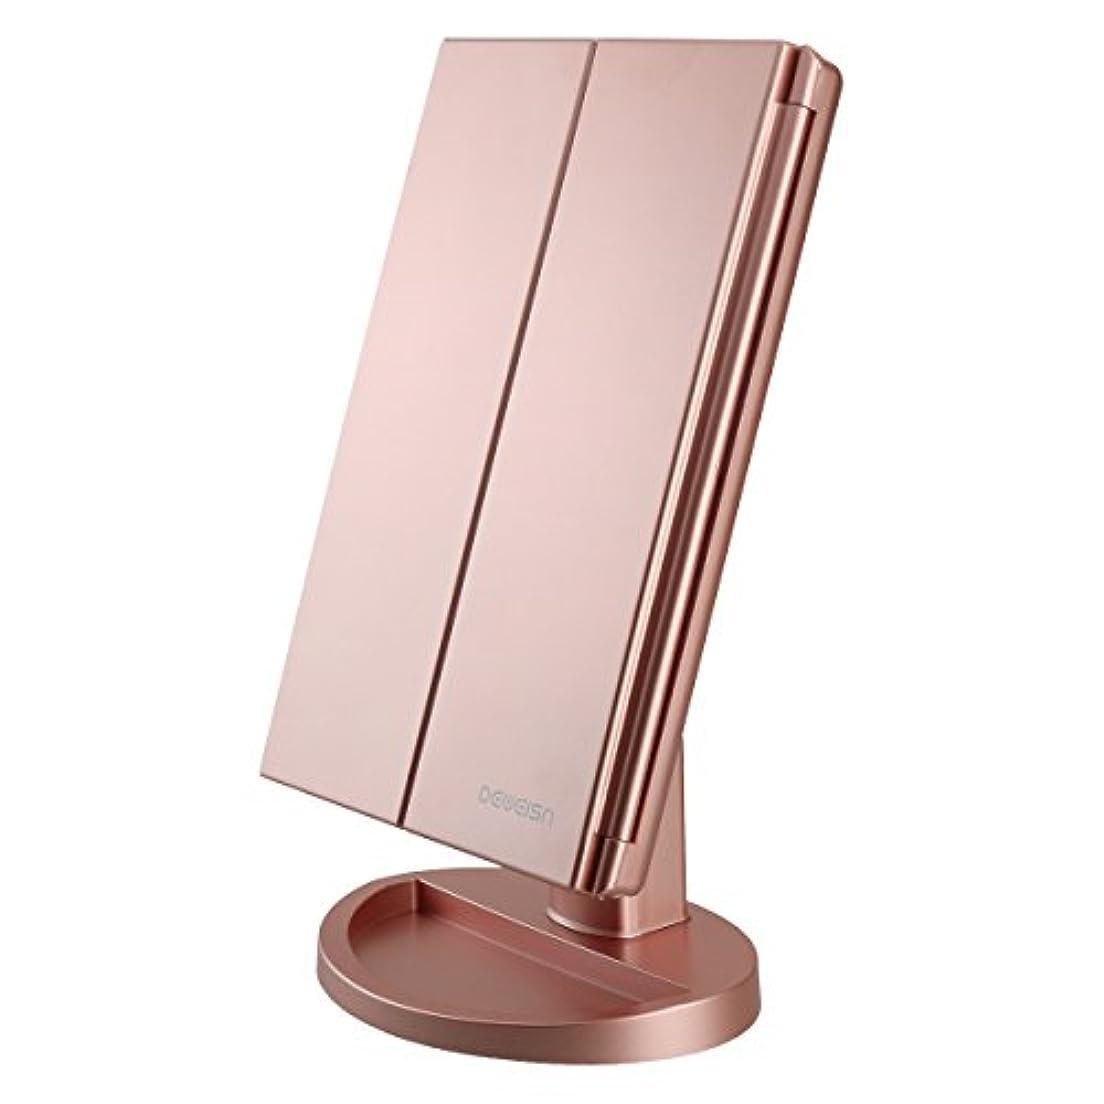 自発故意の保全卓上三面鏡 LED化粧鏡 電池交換可能 2倍&3倍拡大鏡付き 角度自由調整 明るさ調整可能 折り畳み式 LEDライト21個 全3色 スタンド ミラー (ローズゴールド)